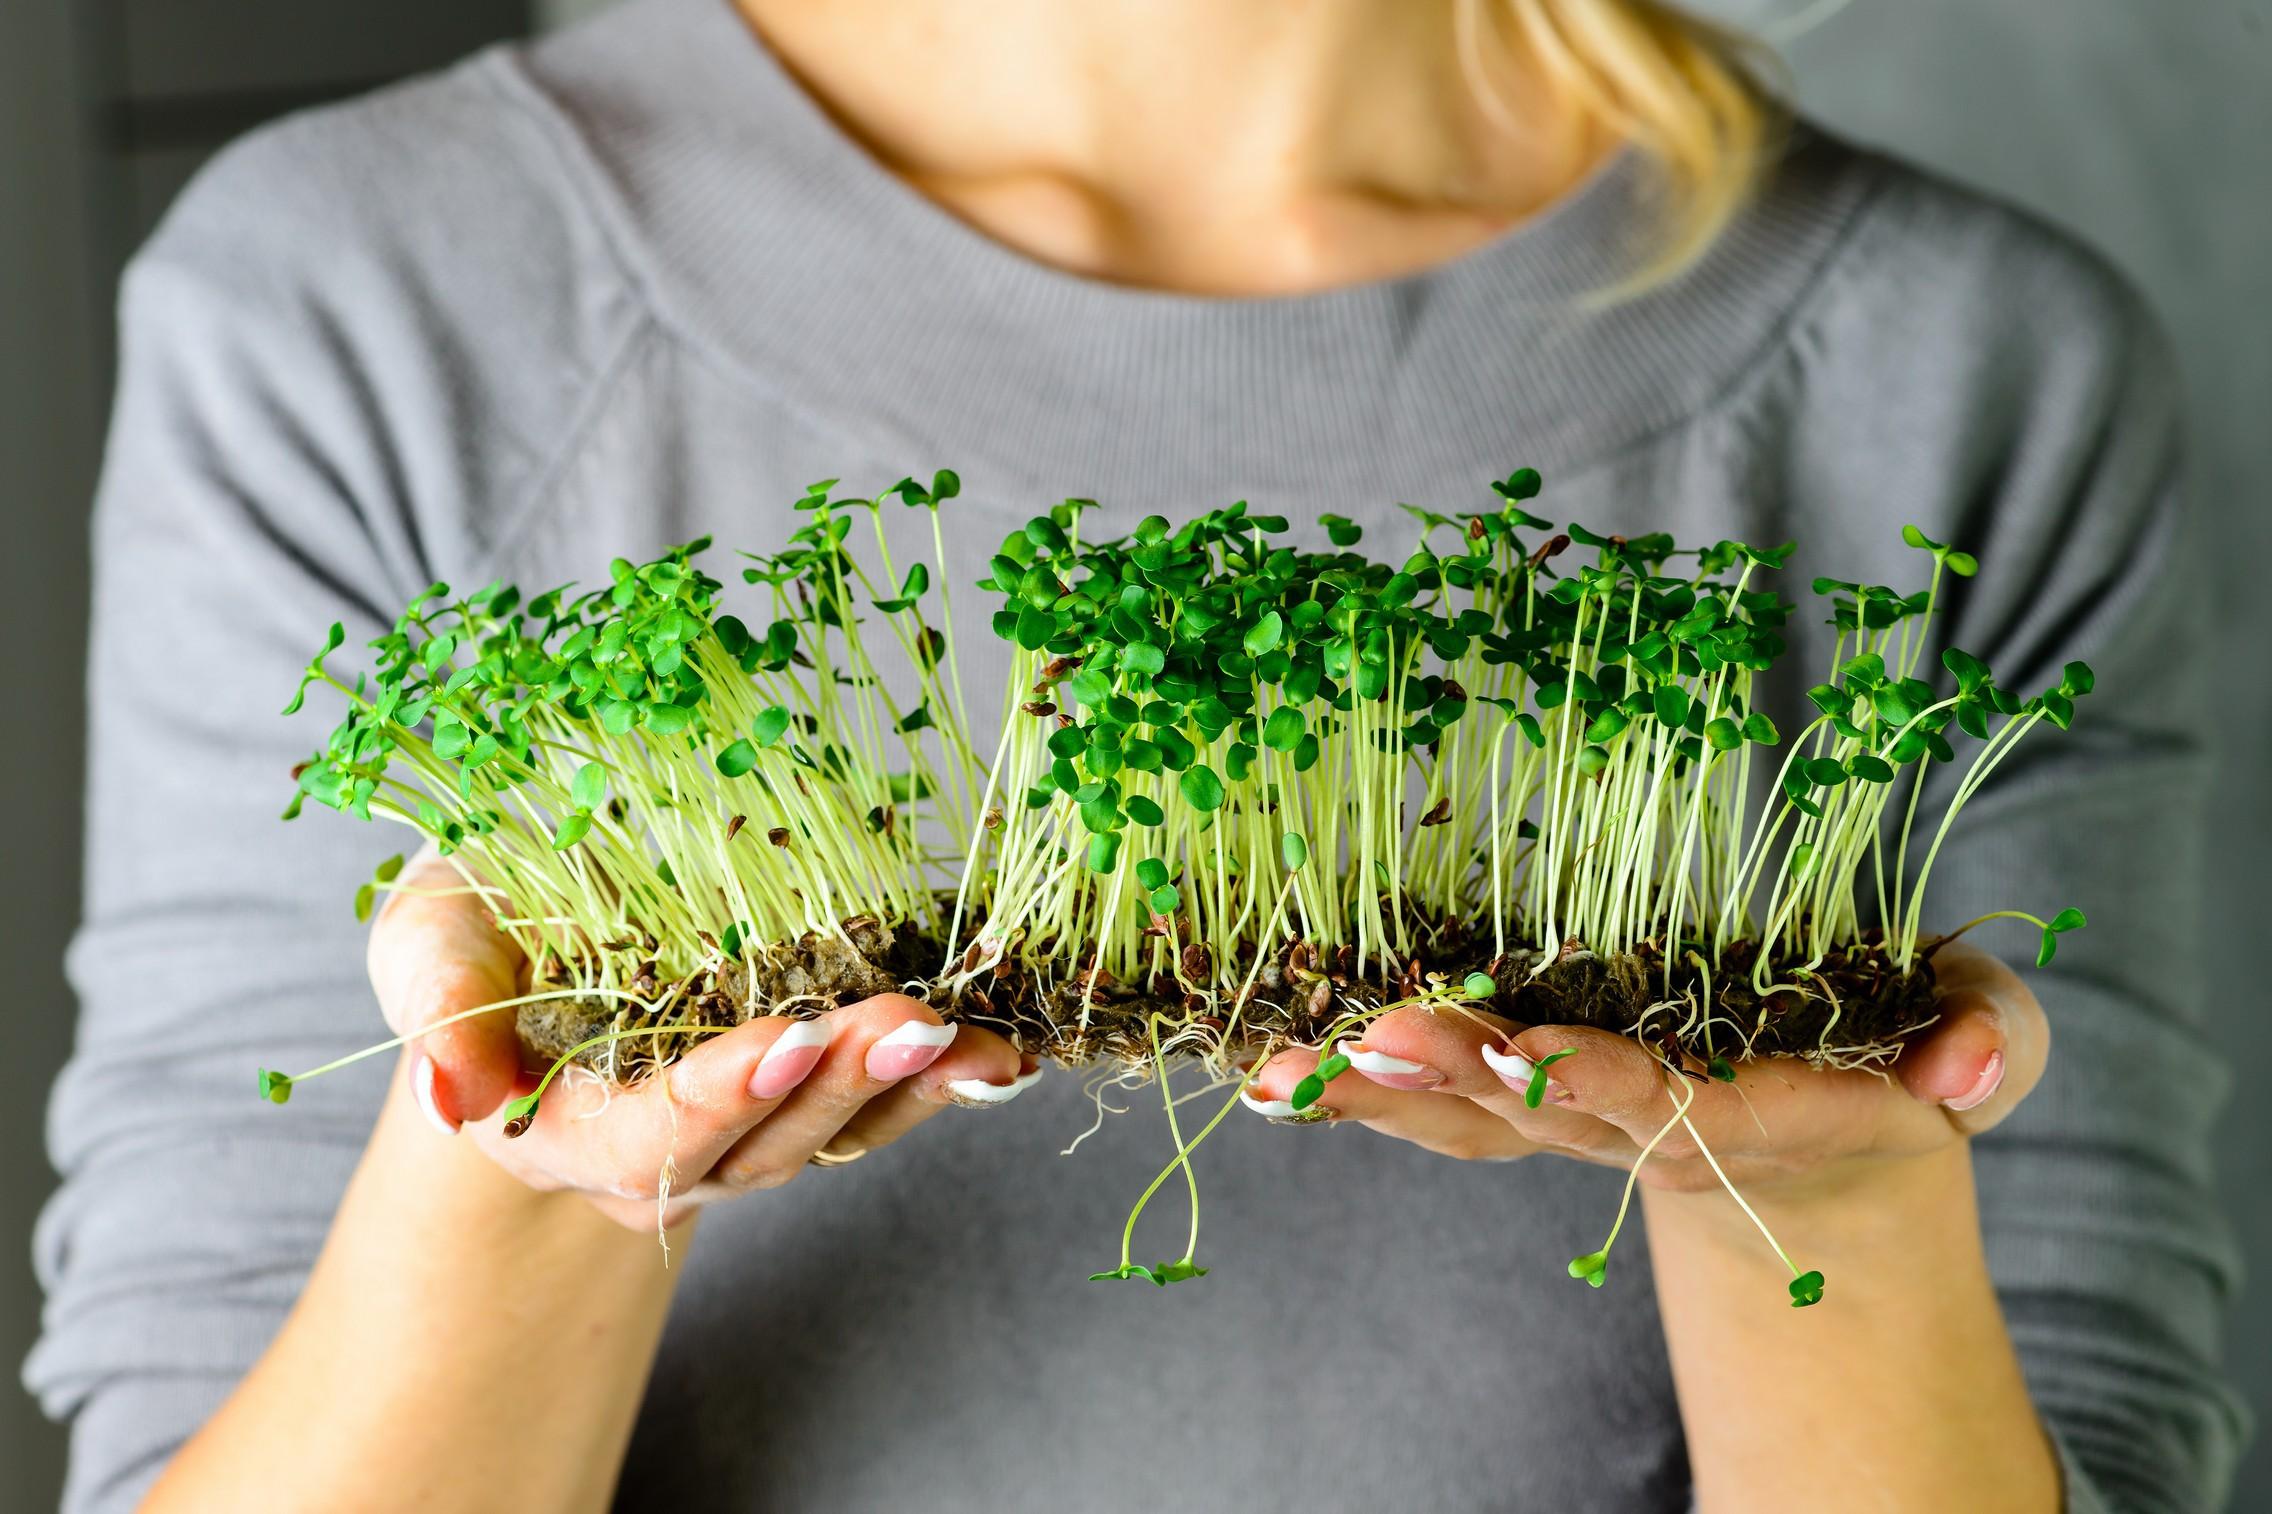 Coltivare In Casa Piante Aromatiche verdure, erbe aromatiche, micro-ortaggi e piante da interno